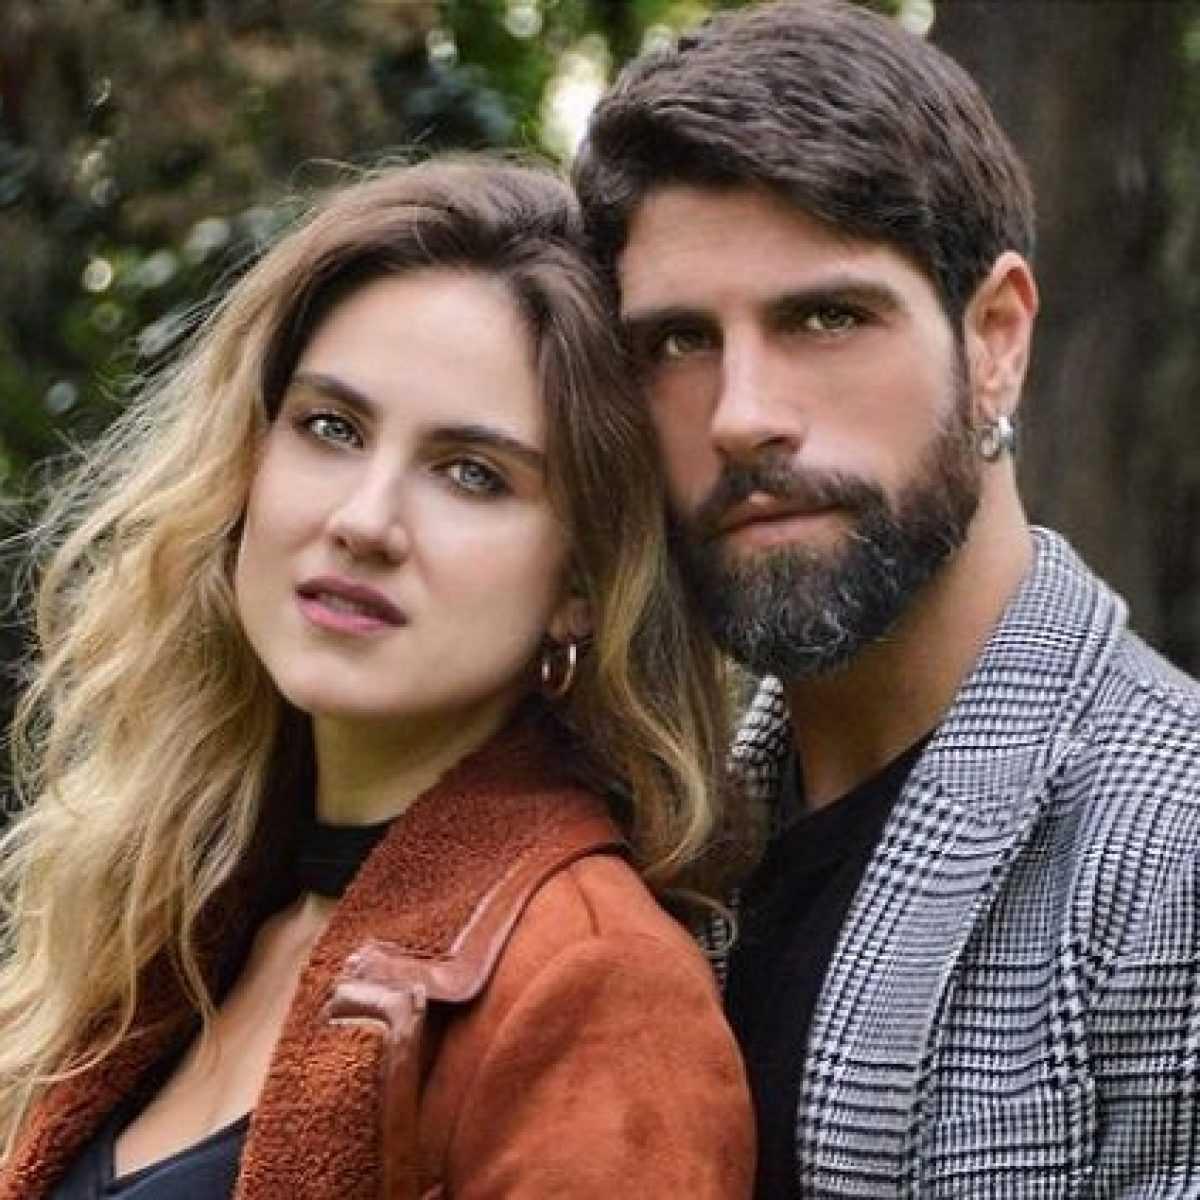 Gilles Rocca svela con Miriam Galanti abbiamo attraversato un momento di crisi oggi siamo tornati insieme